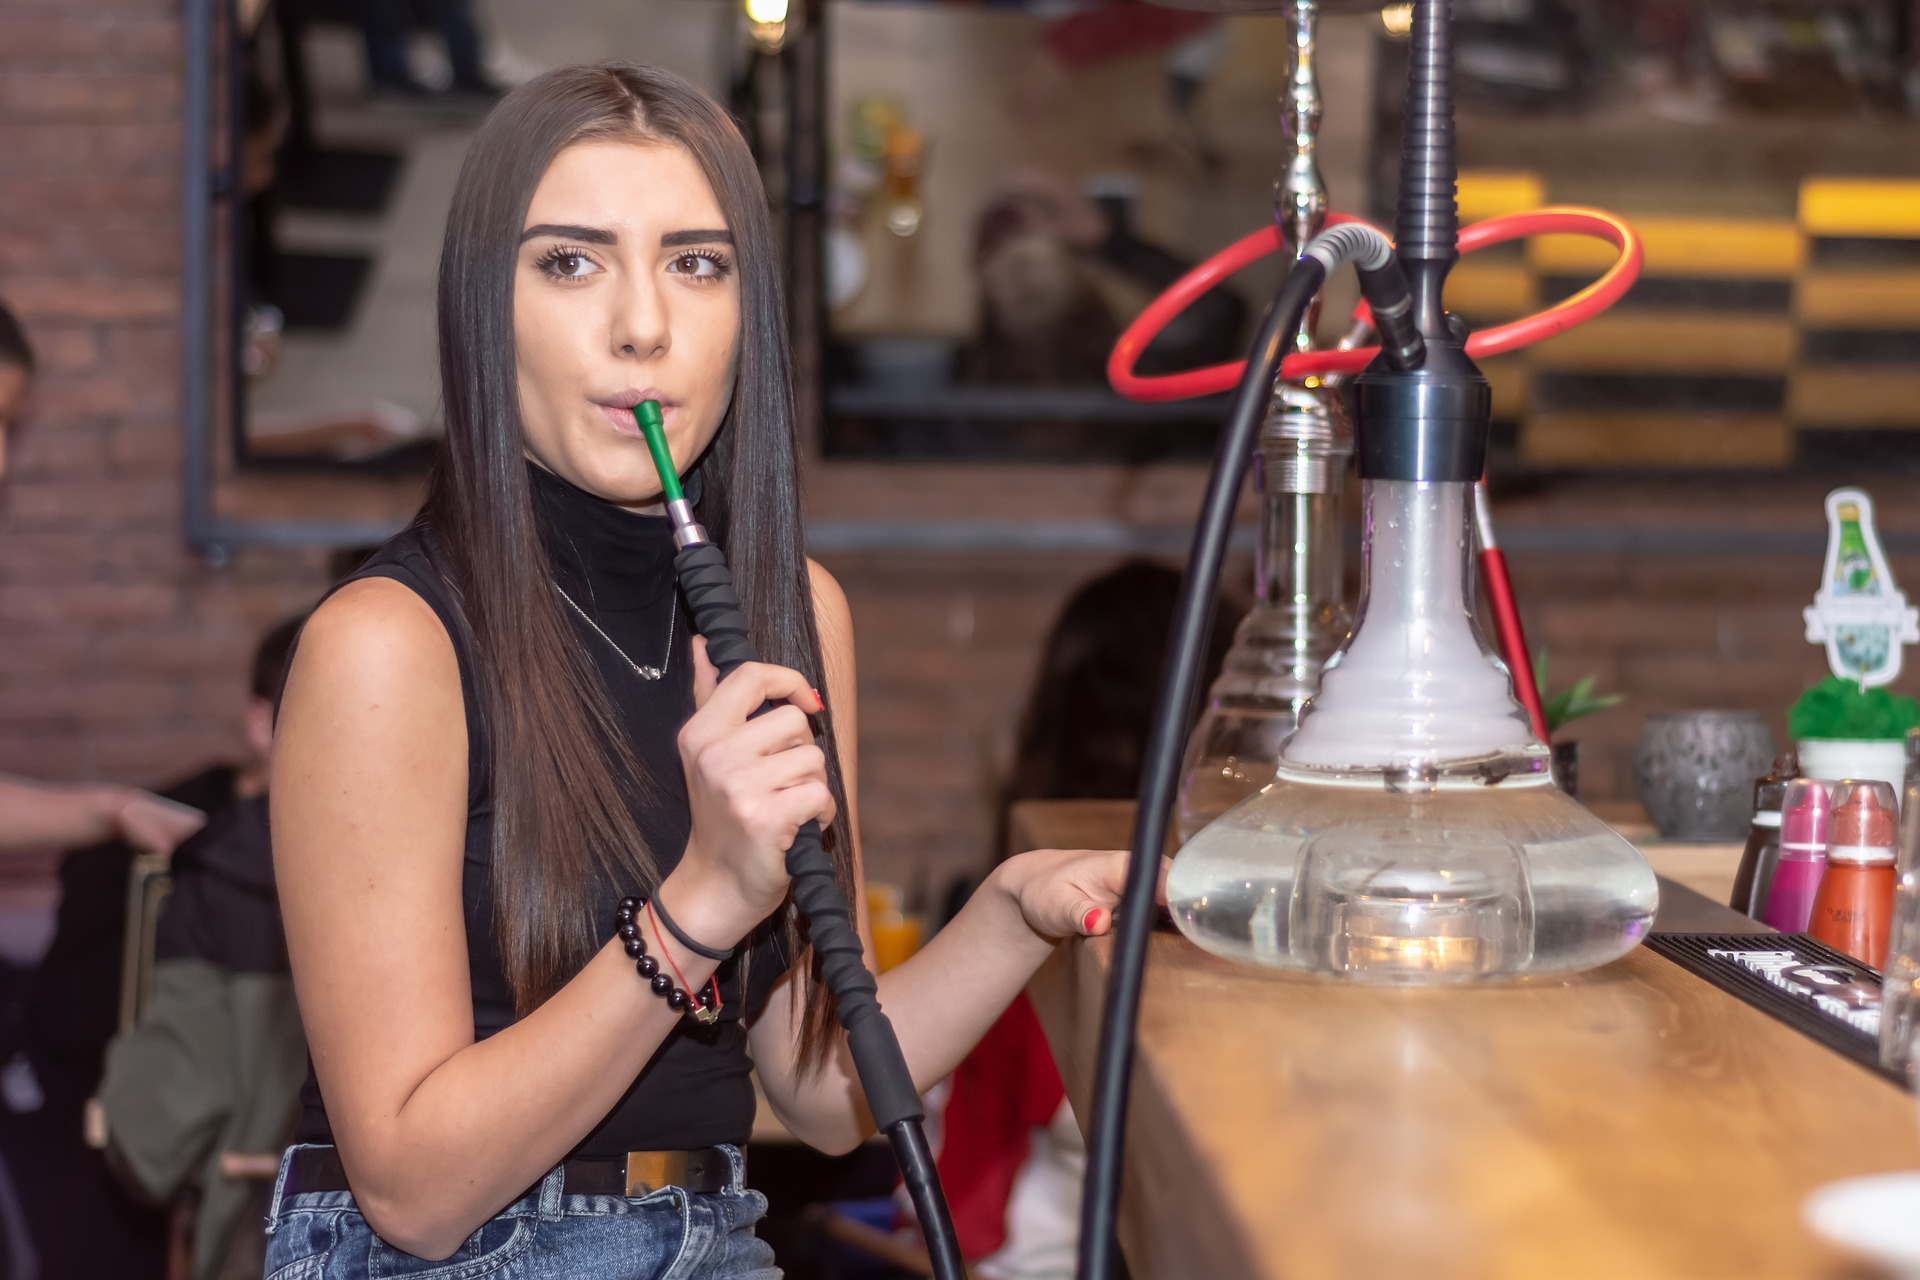 Shisha-Bar-Betreiber bei VfGH abgeblitzt